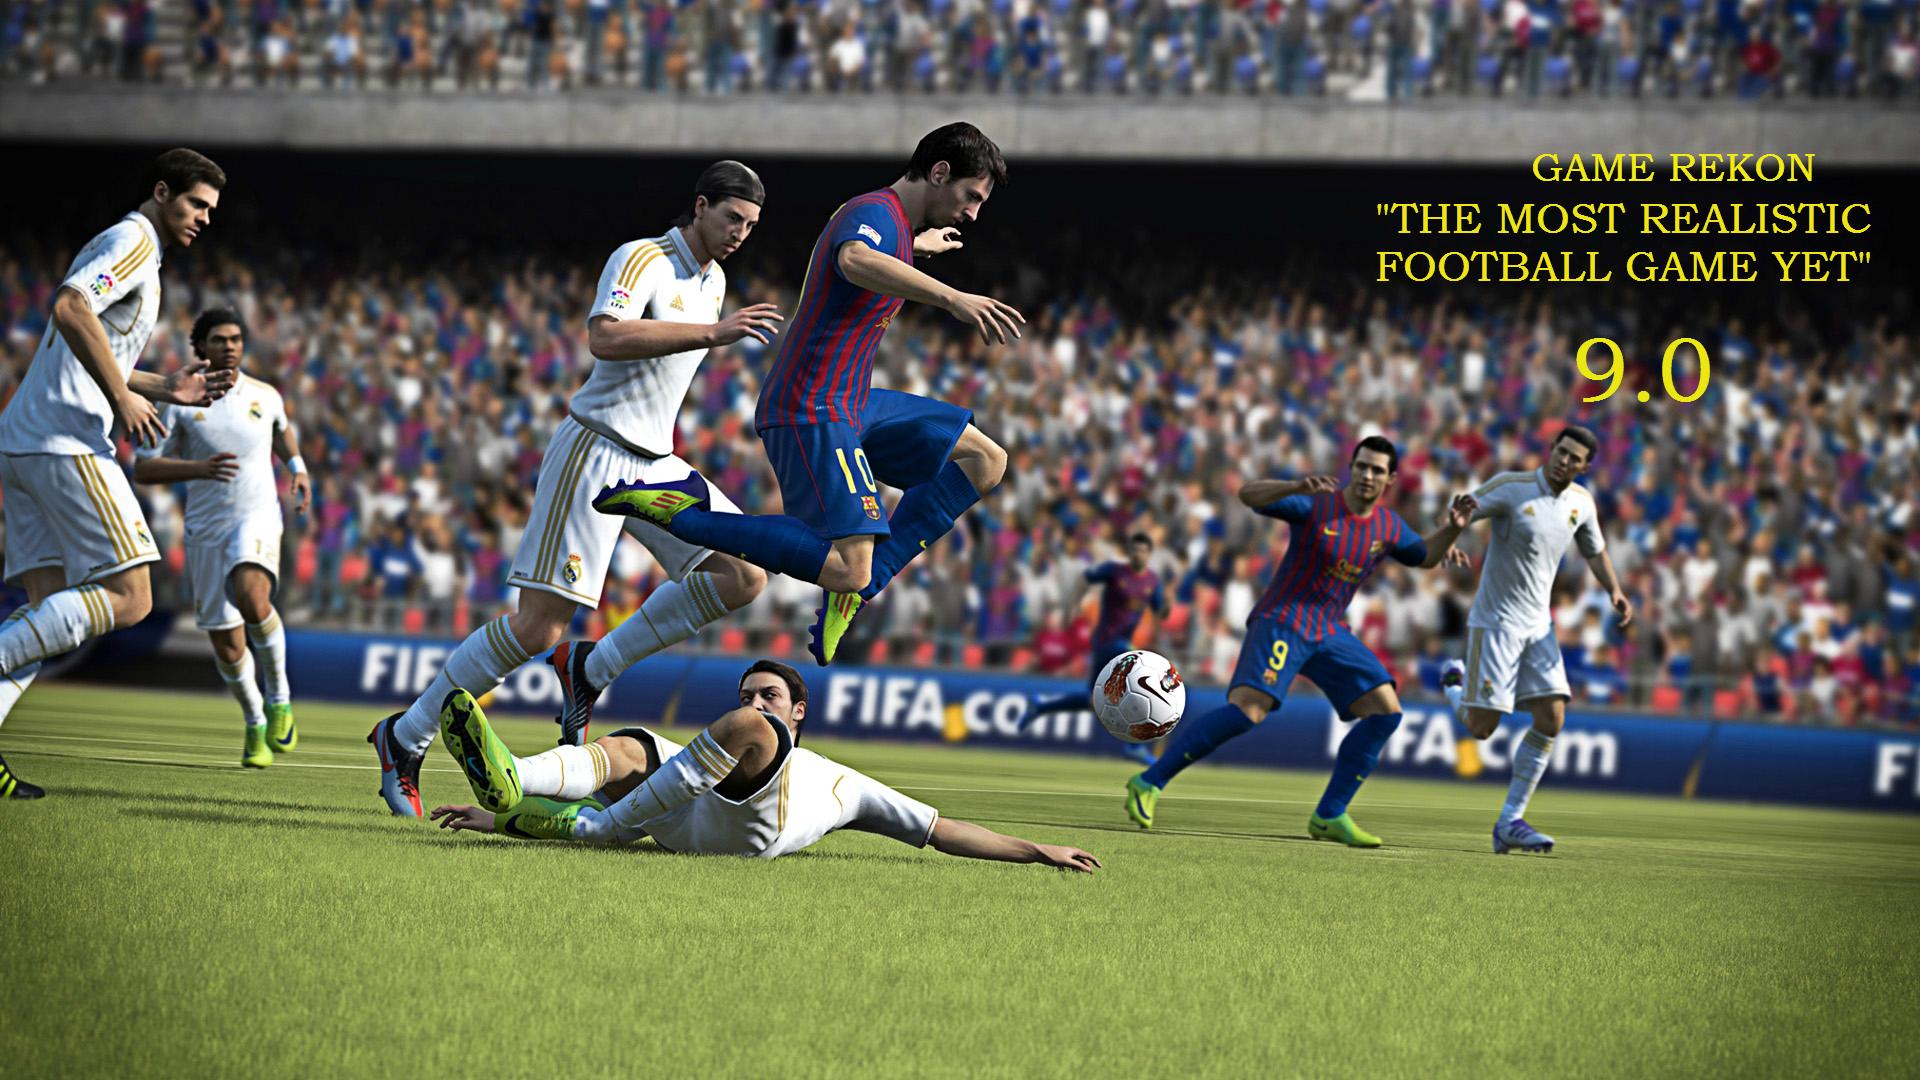 FIFA-13-3 (1)1